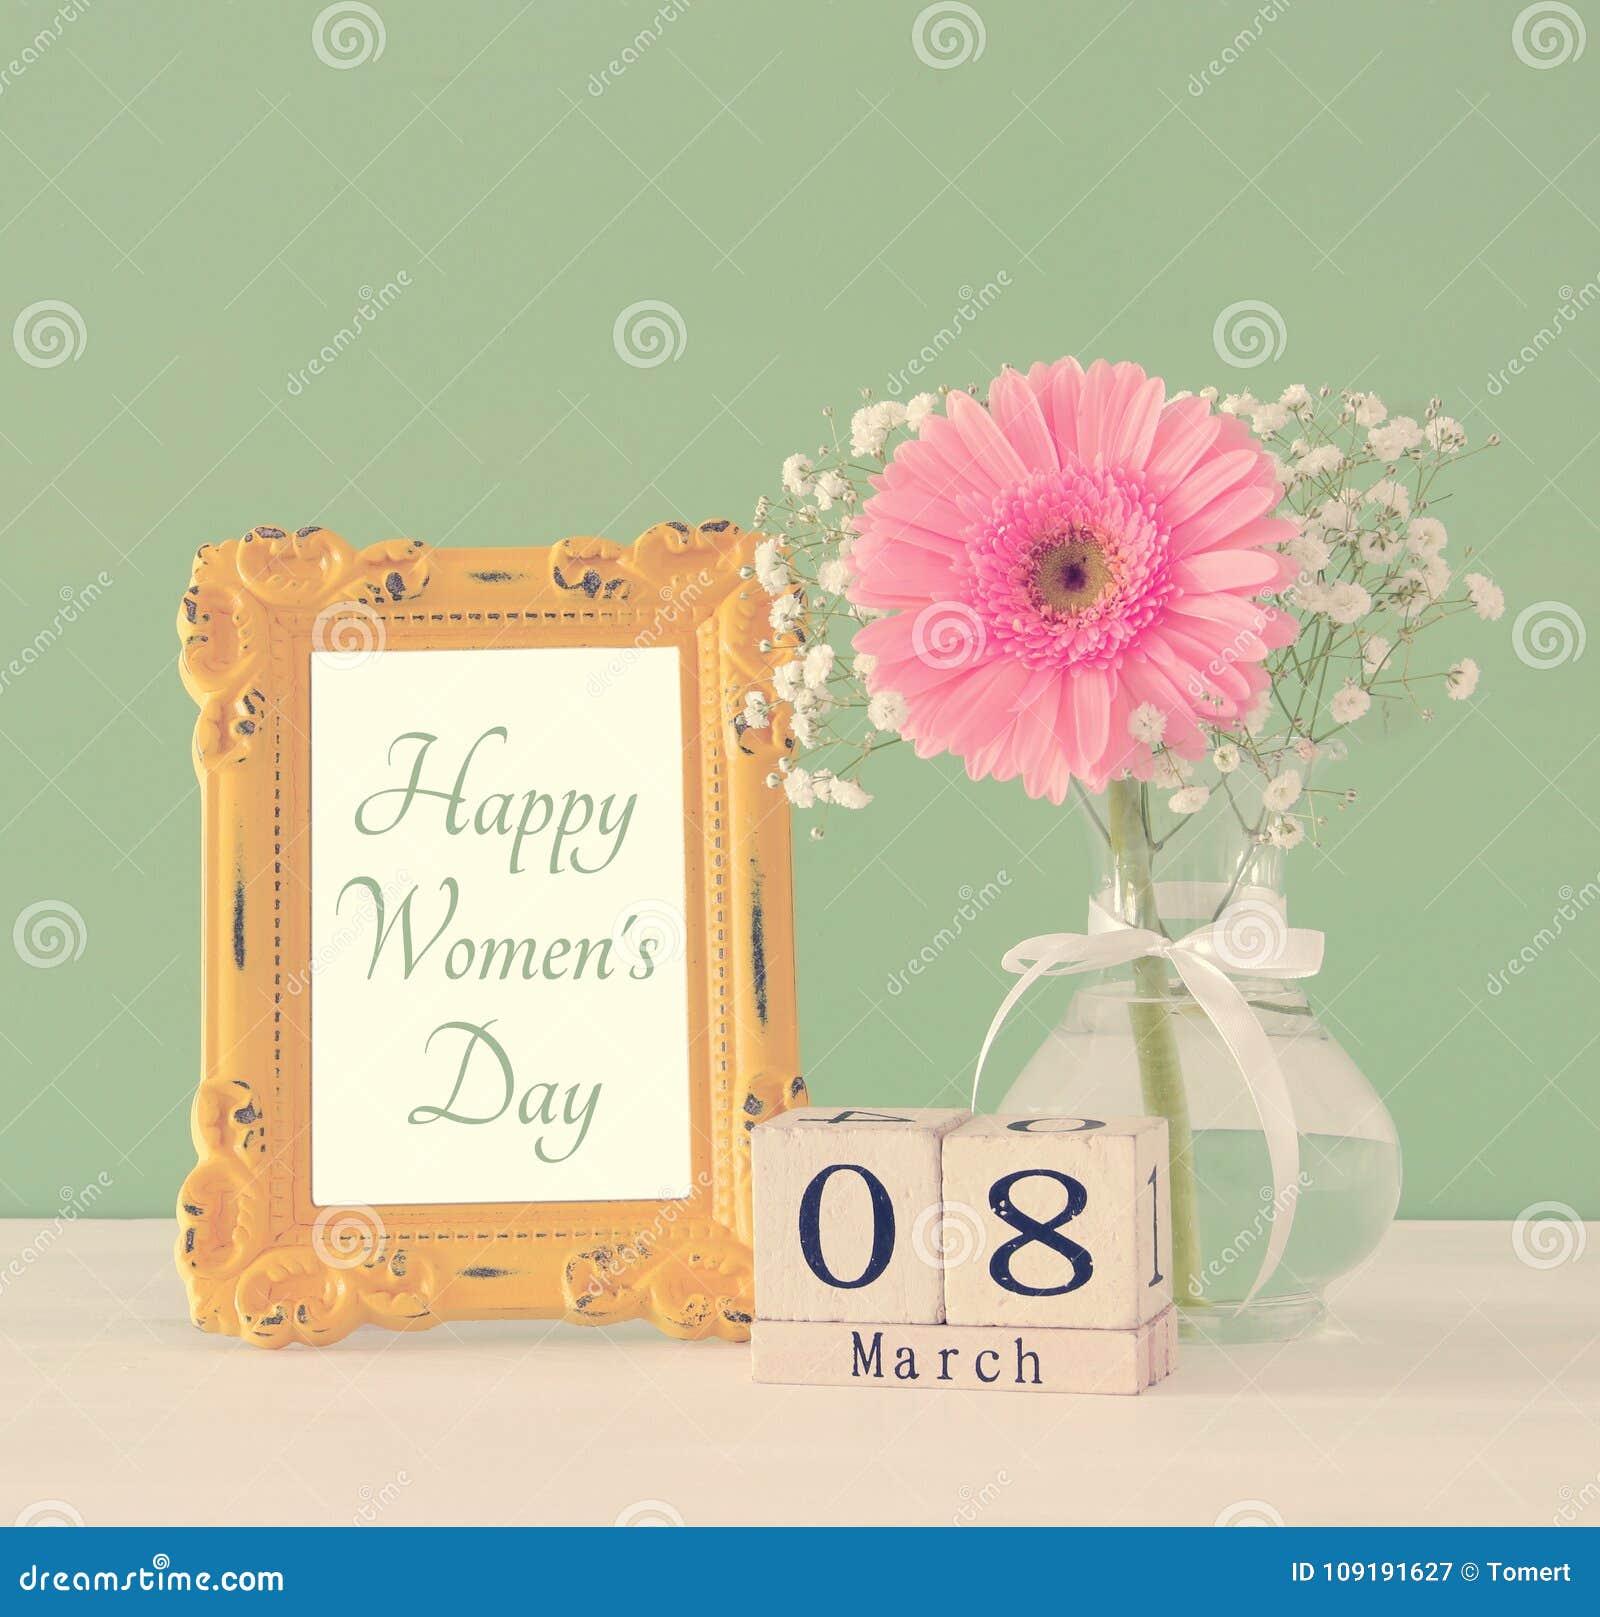 Immagine del concetto internazionale di giorno delle donne con il bello fiore nel vaso sulla tavola di legno